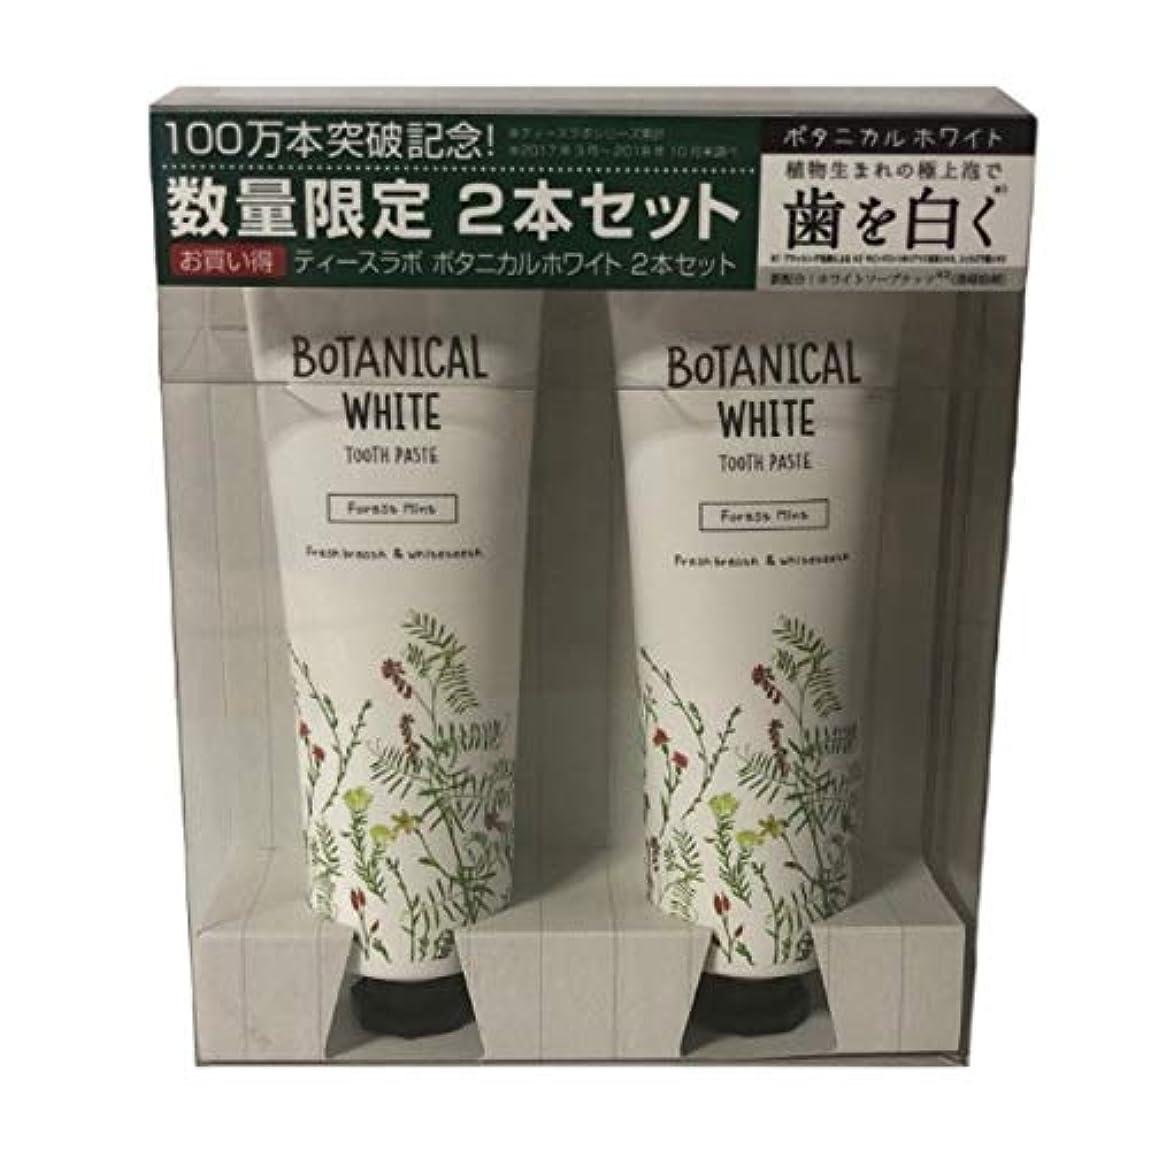 消費者良さクローゼットティースラボ ボタニカルホワイト 100g 2本セット【限定パッケージ】